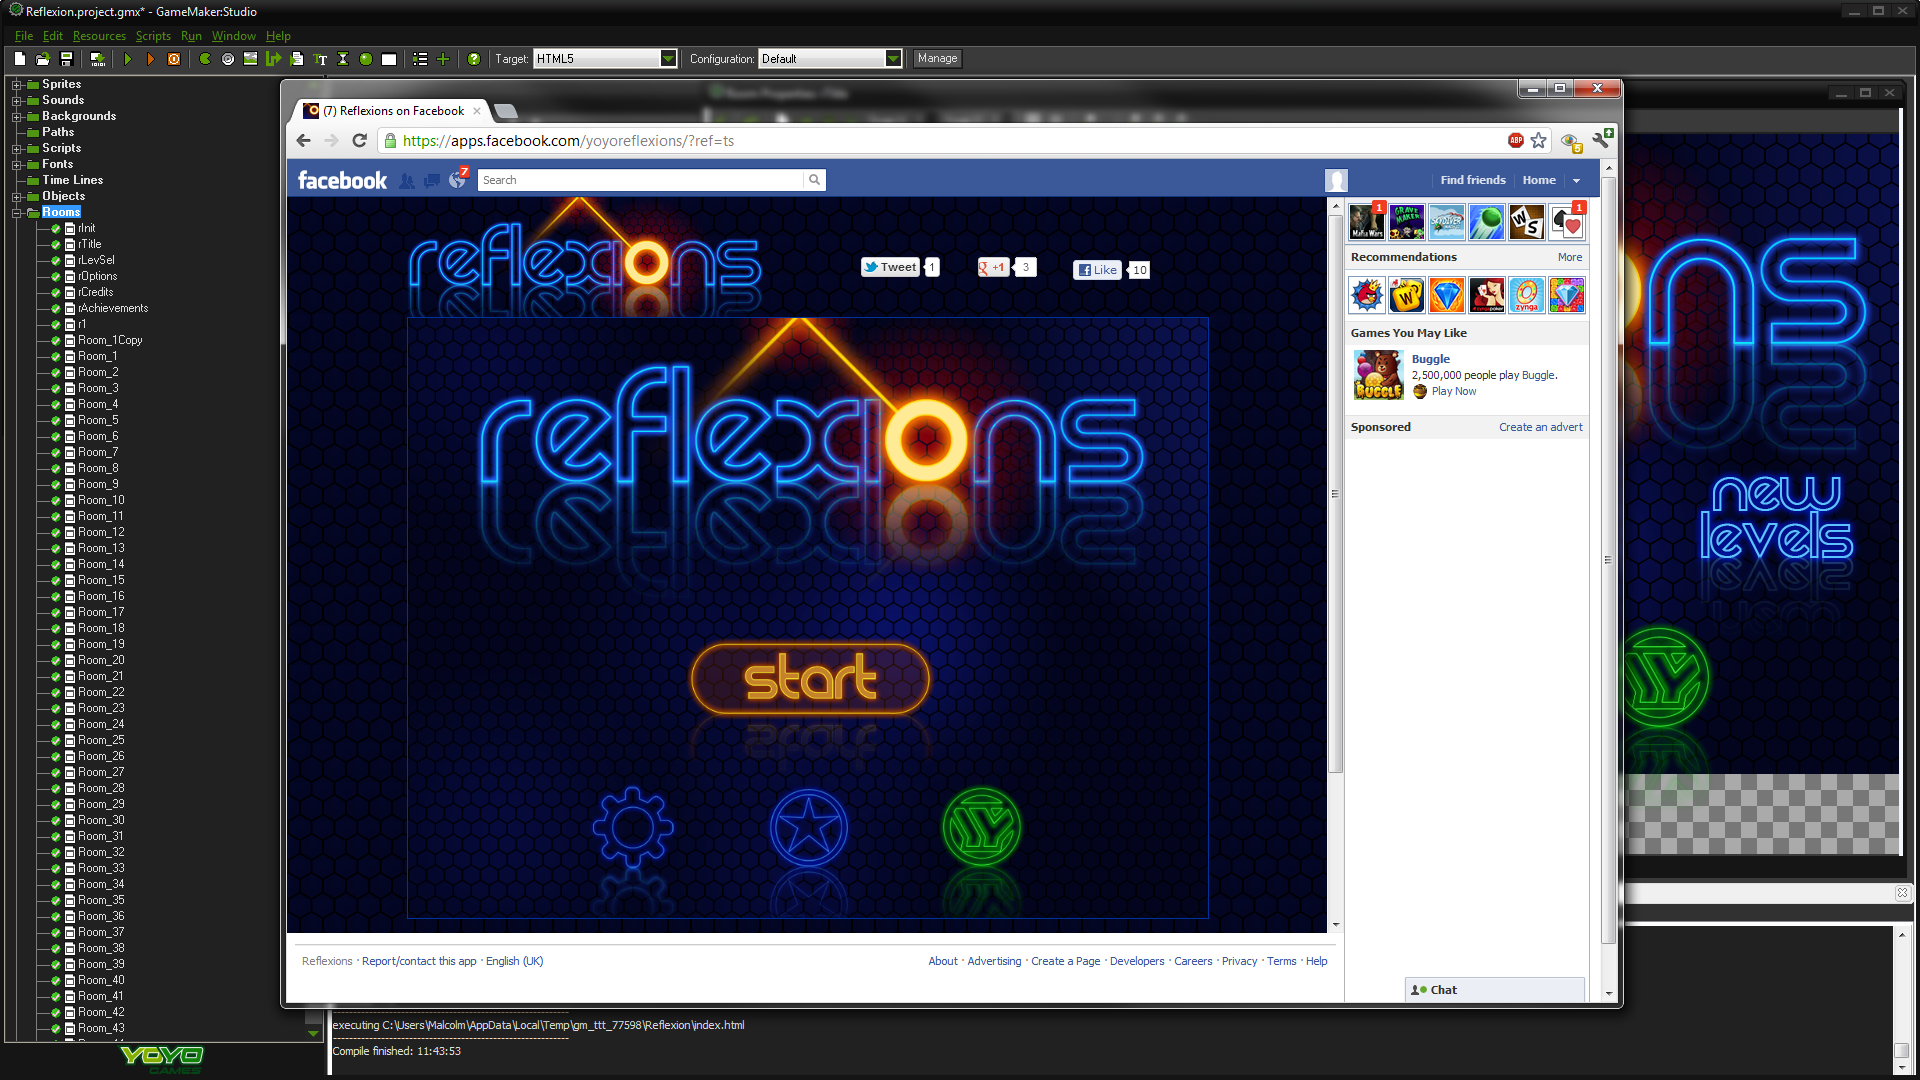 gamemaker software